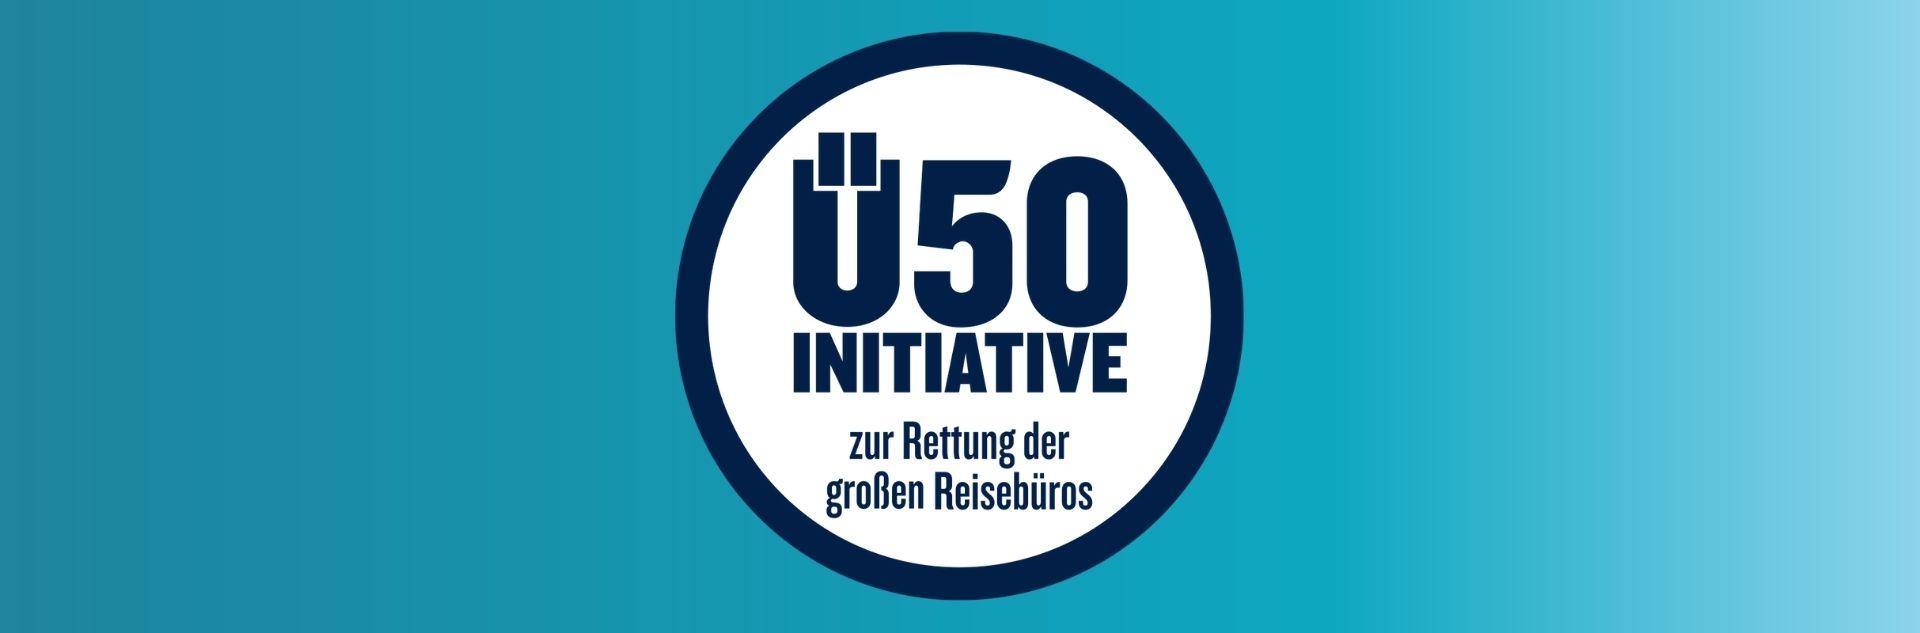 Ü50 Initiative zur Rettung der großen Reisebüros